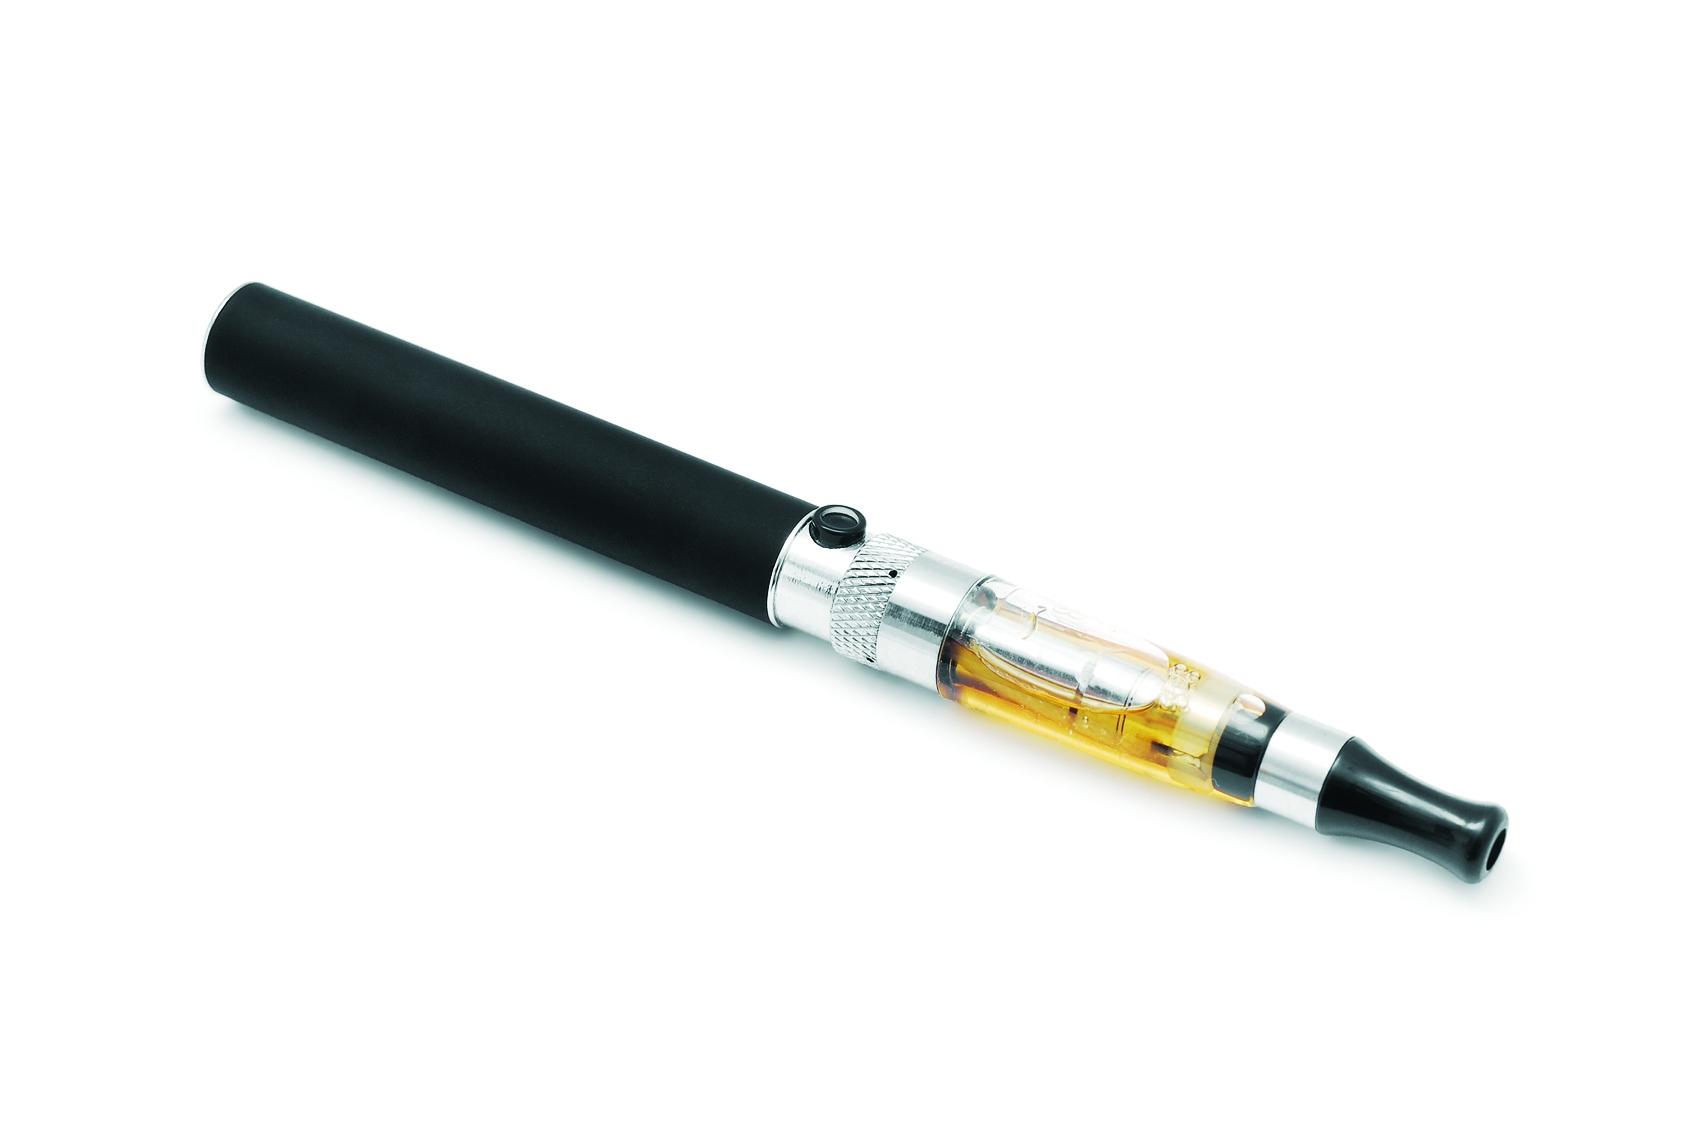 Meilleur cigarette électronique : comment choisir une cigarette électronique ?